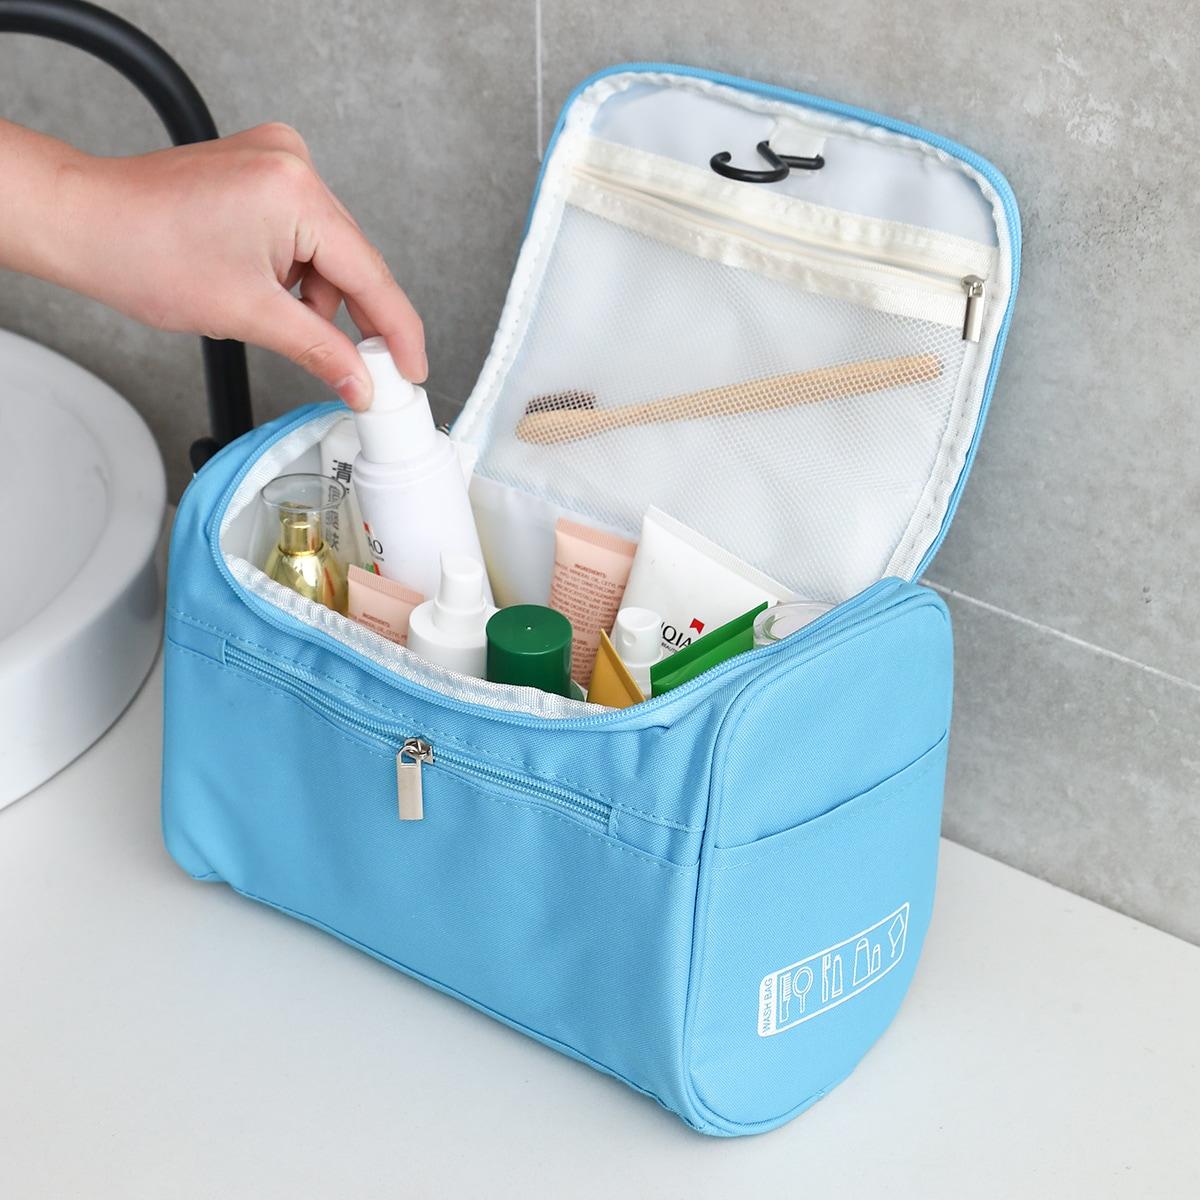 1шт большая дорожная сумка для хранения туалетных принадлежностей